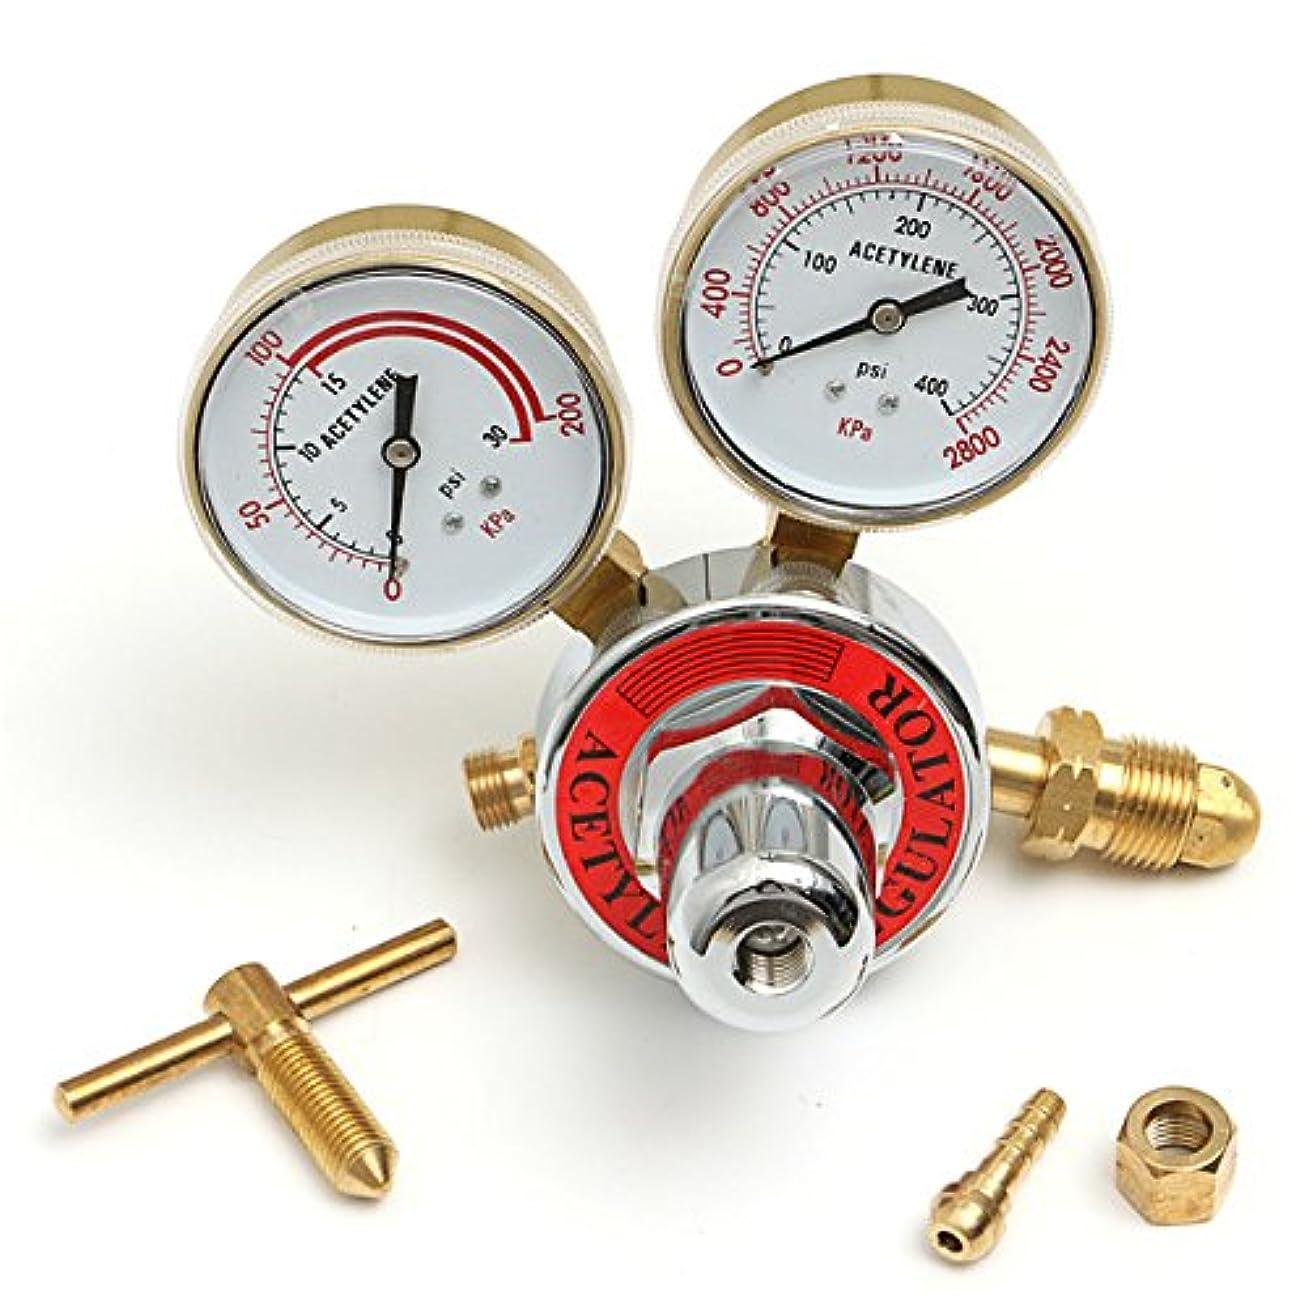 東目覚める暫定Wchaoen 溶接ガスアセチレン減圧弁レギュレータガスメータ圧力計 ハードウェア部品